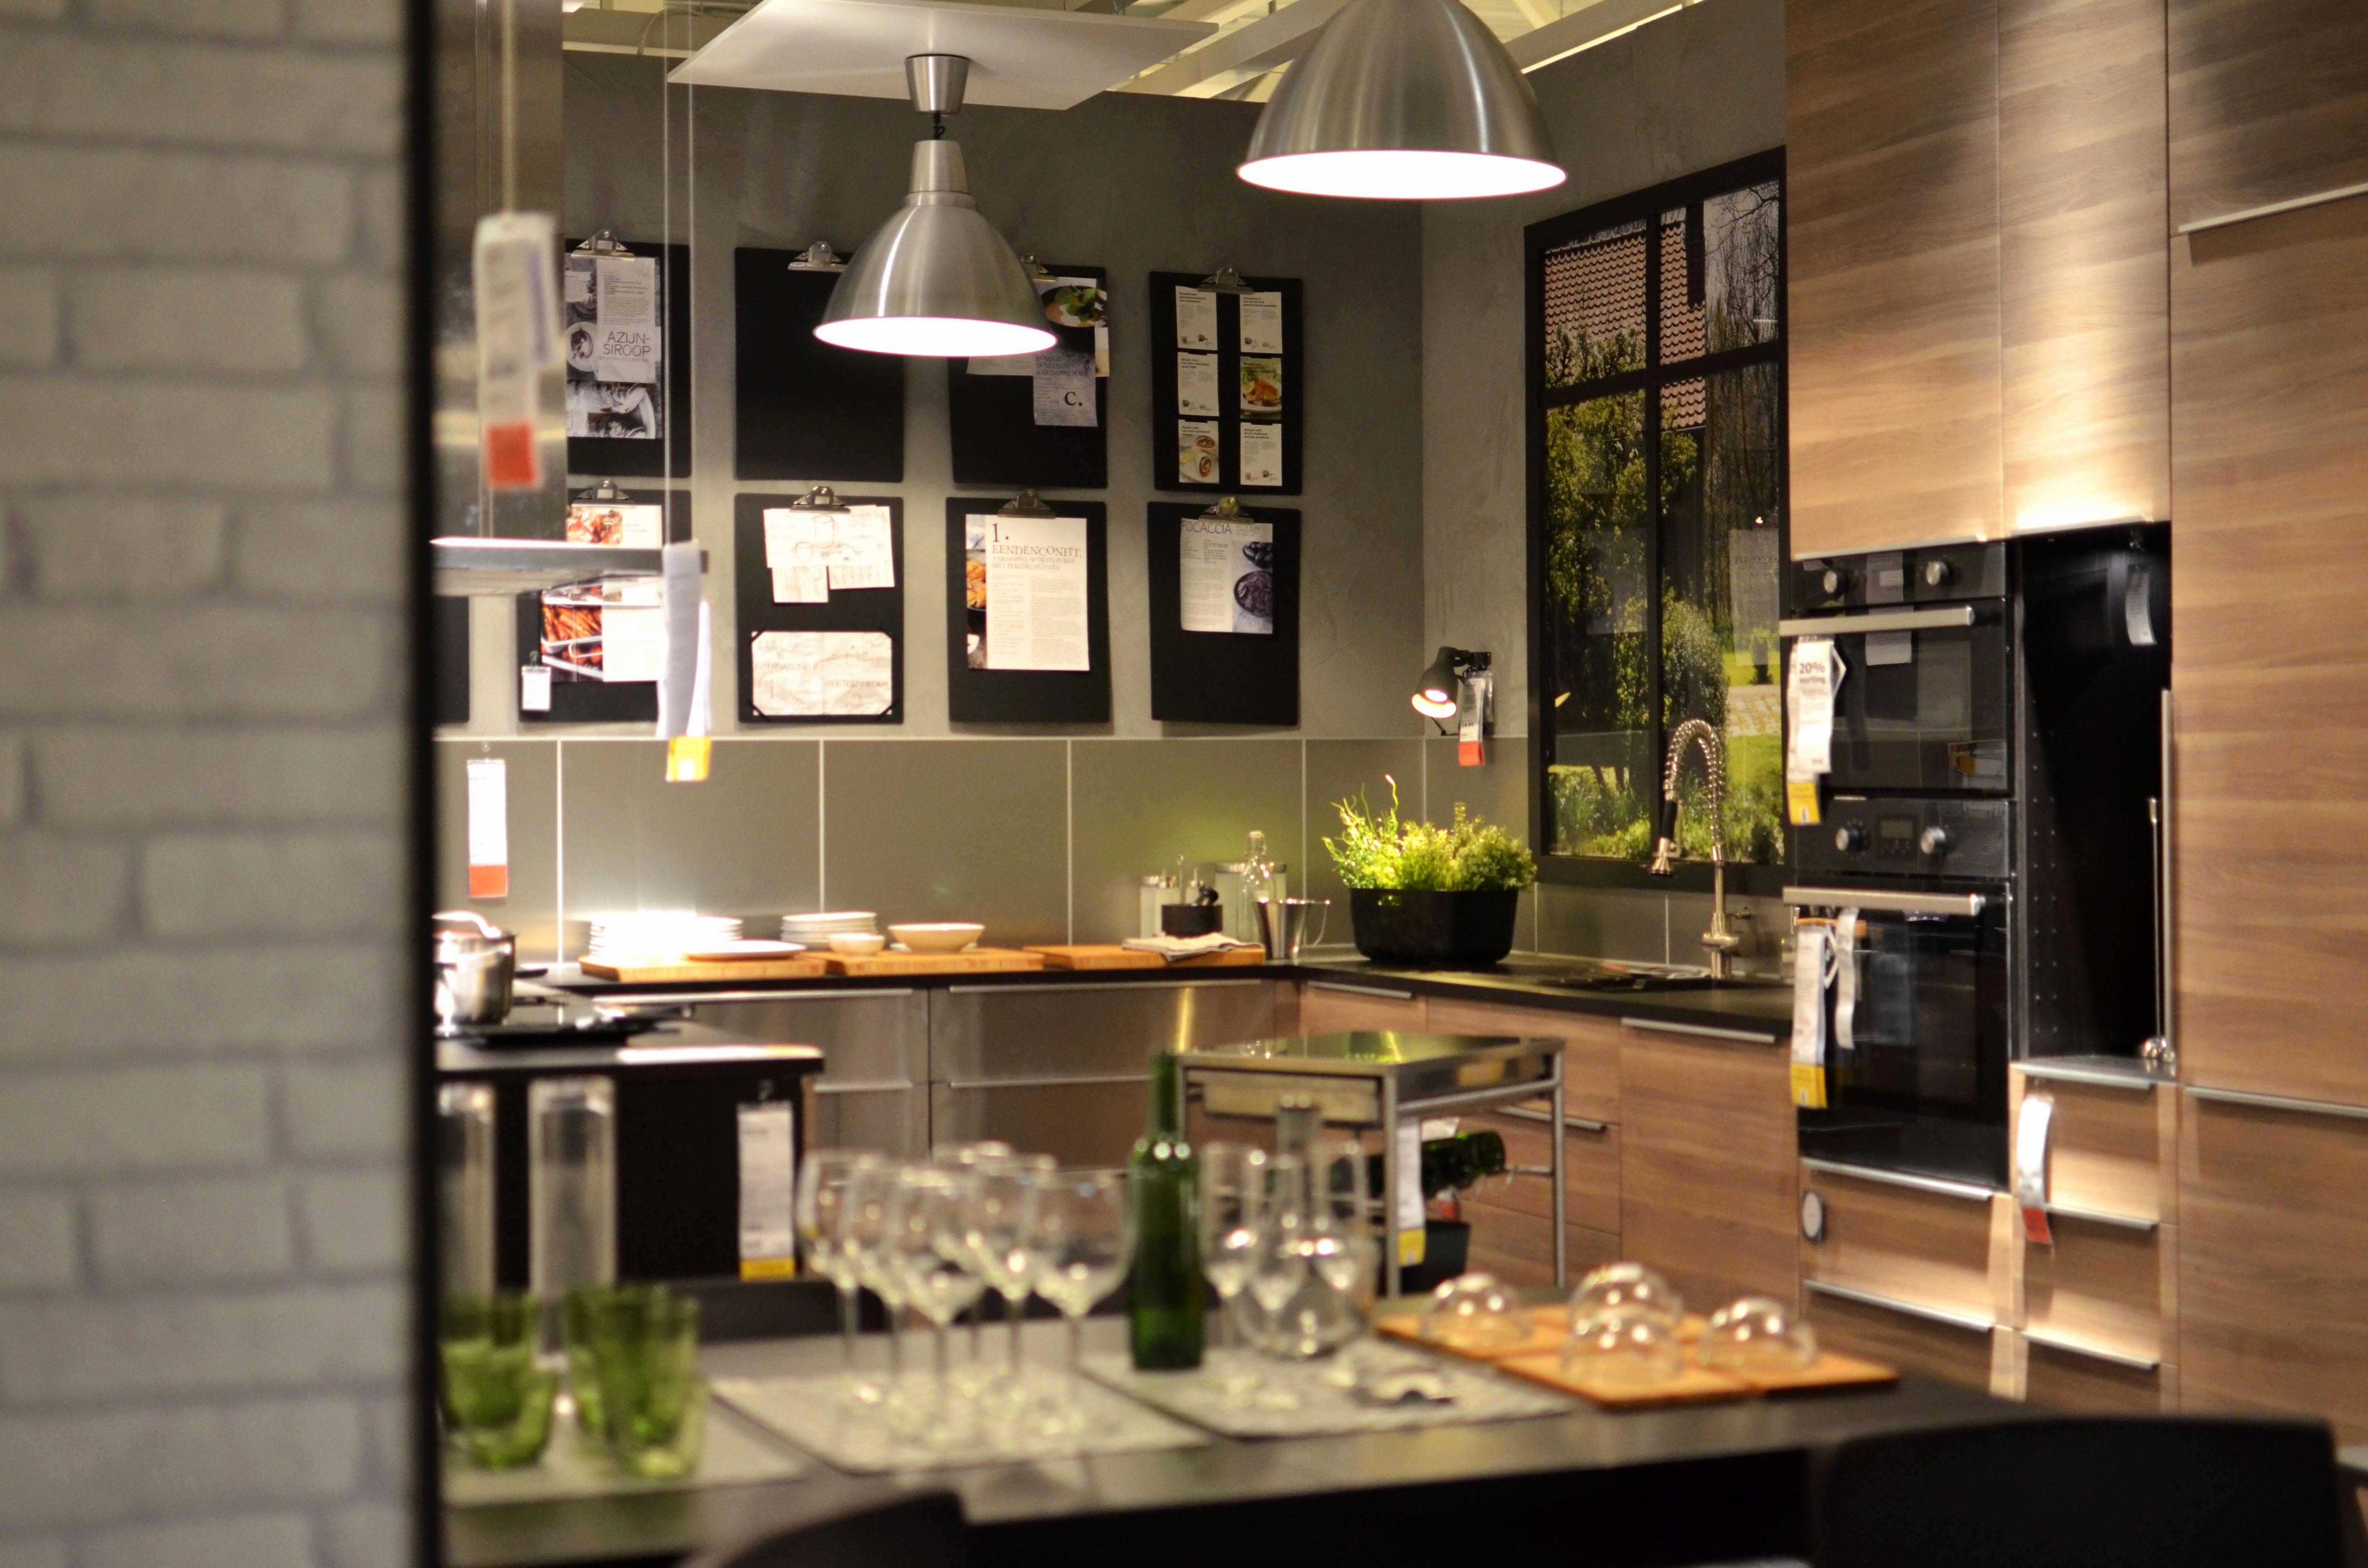 Devis En Ligne Ikea Frais Photographie Ikea Cuisine Devis Frais 14 Lovely Cuisine Ikea Devis Nilewide